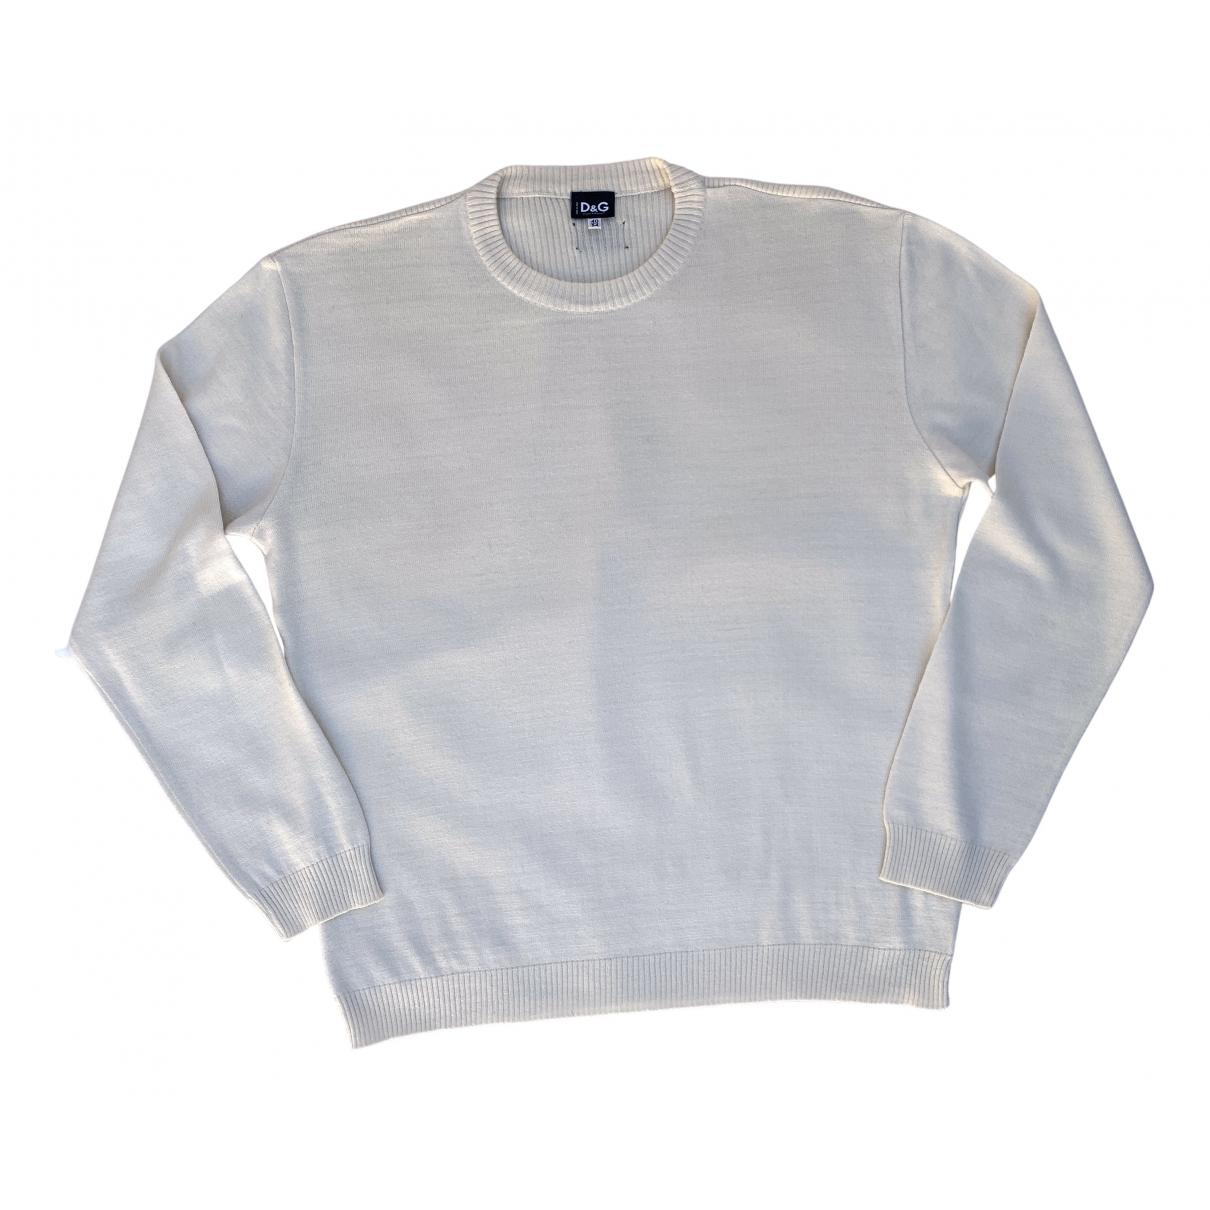 D&g \N Pullover.Westen.Sweatshirts  in  Beige Wolle